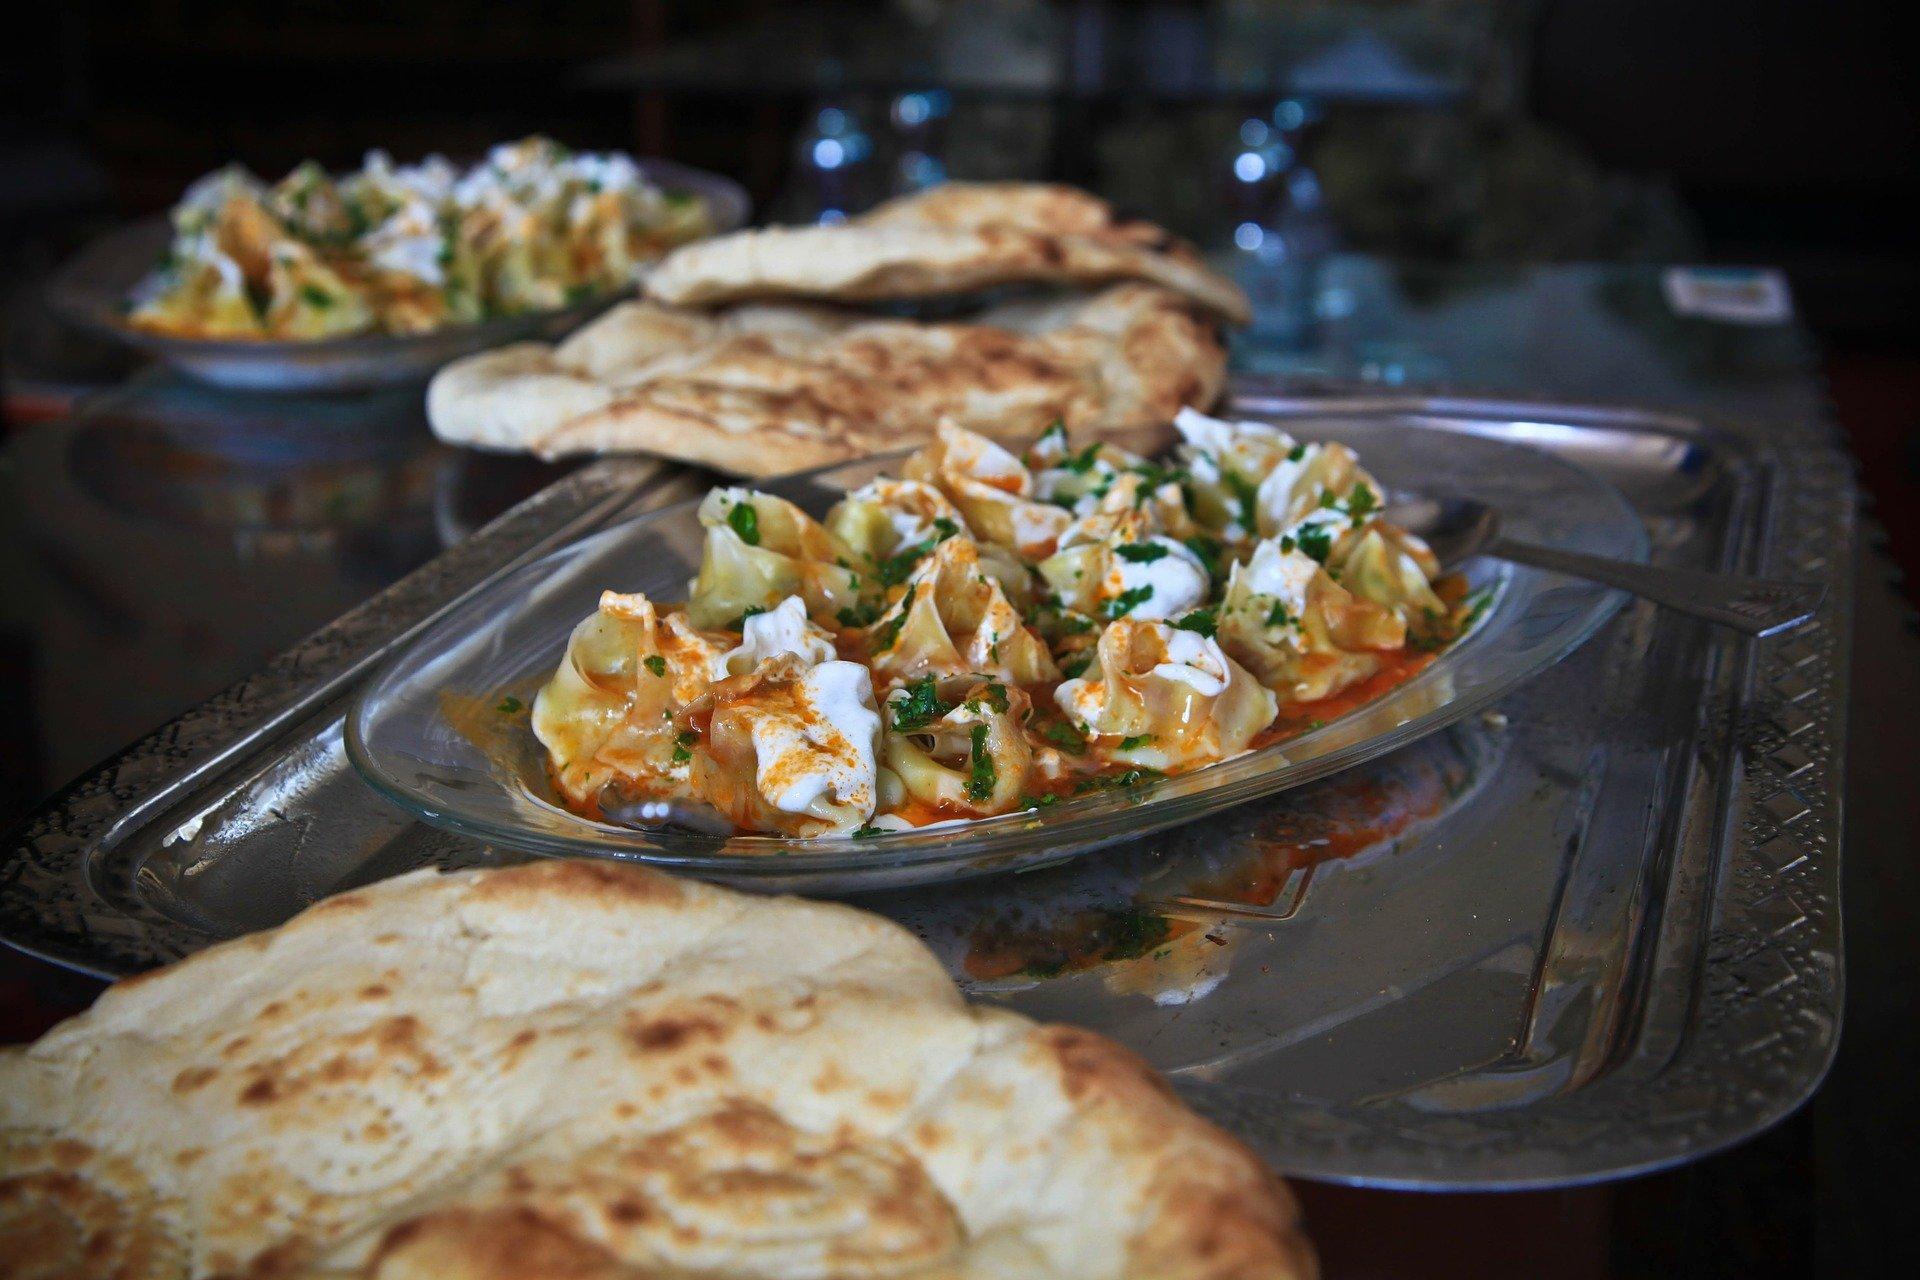 Cocinar para papá en su día especial / Crédito de foto: Pixabay.com